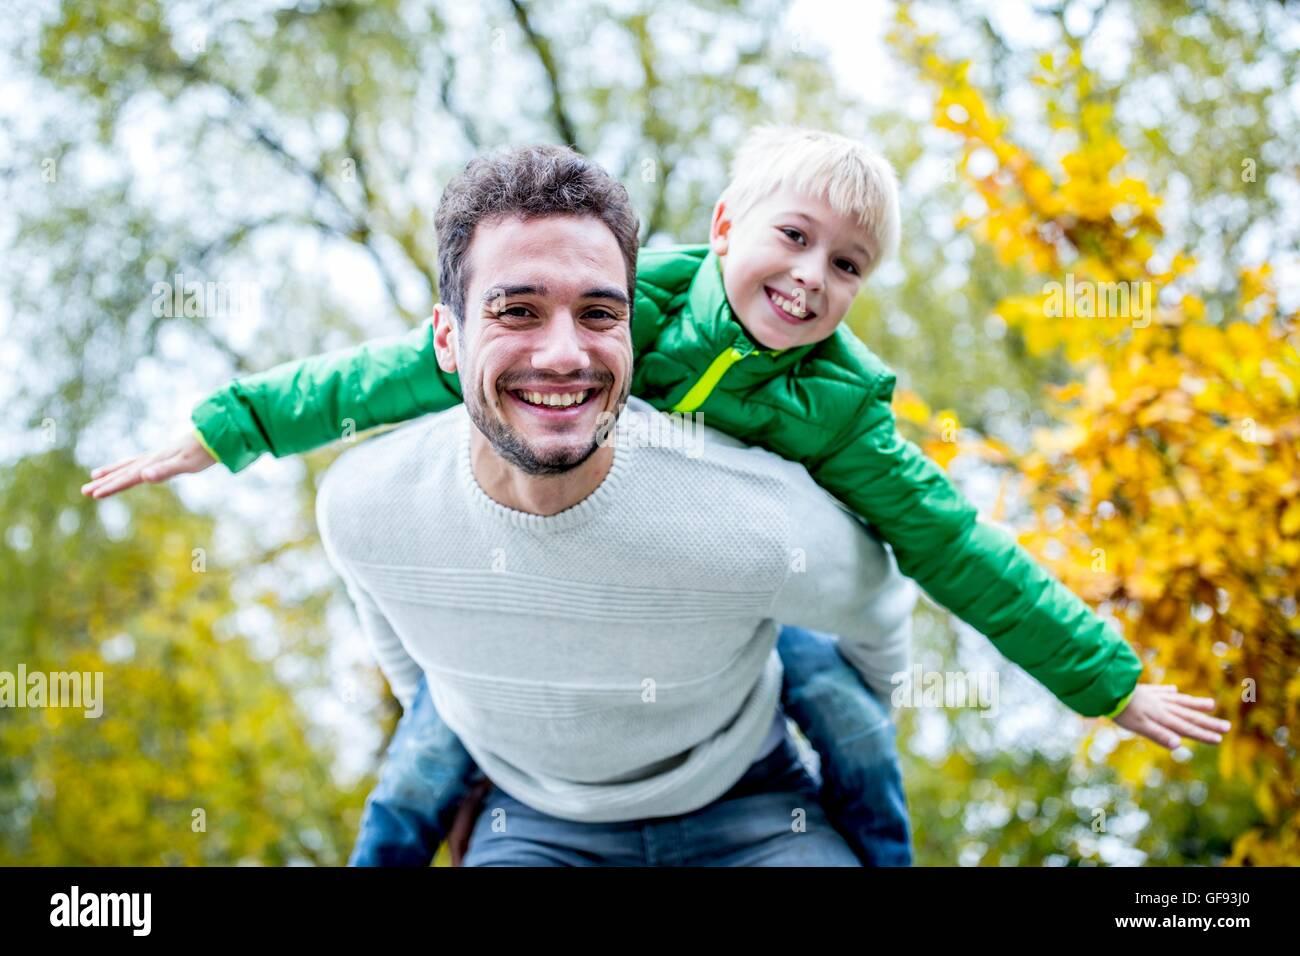 Modello rilasciato. Padre figlio portante sovrapponibile in autunno, sorridente, ritratto. Immagini Stock